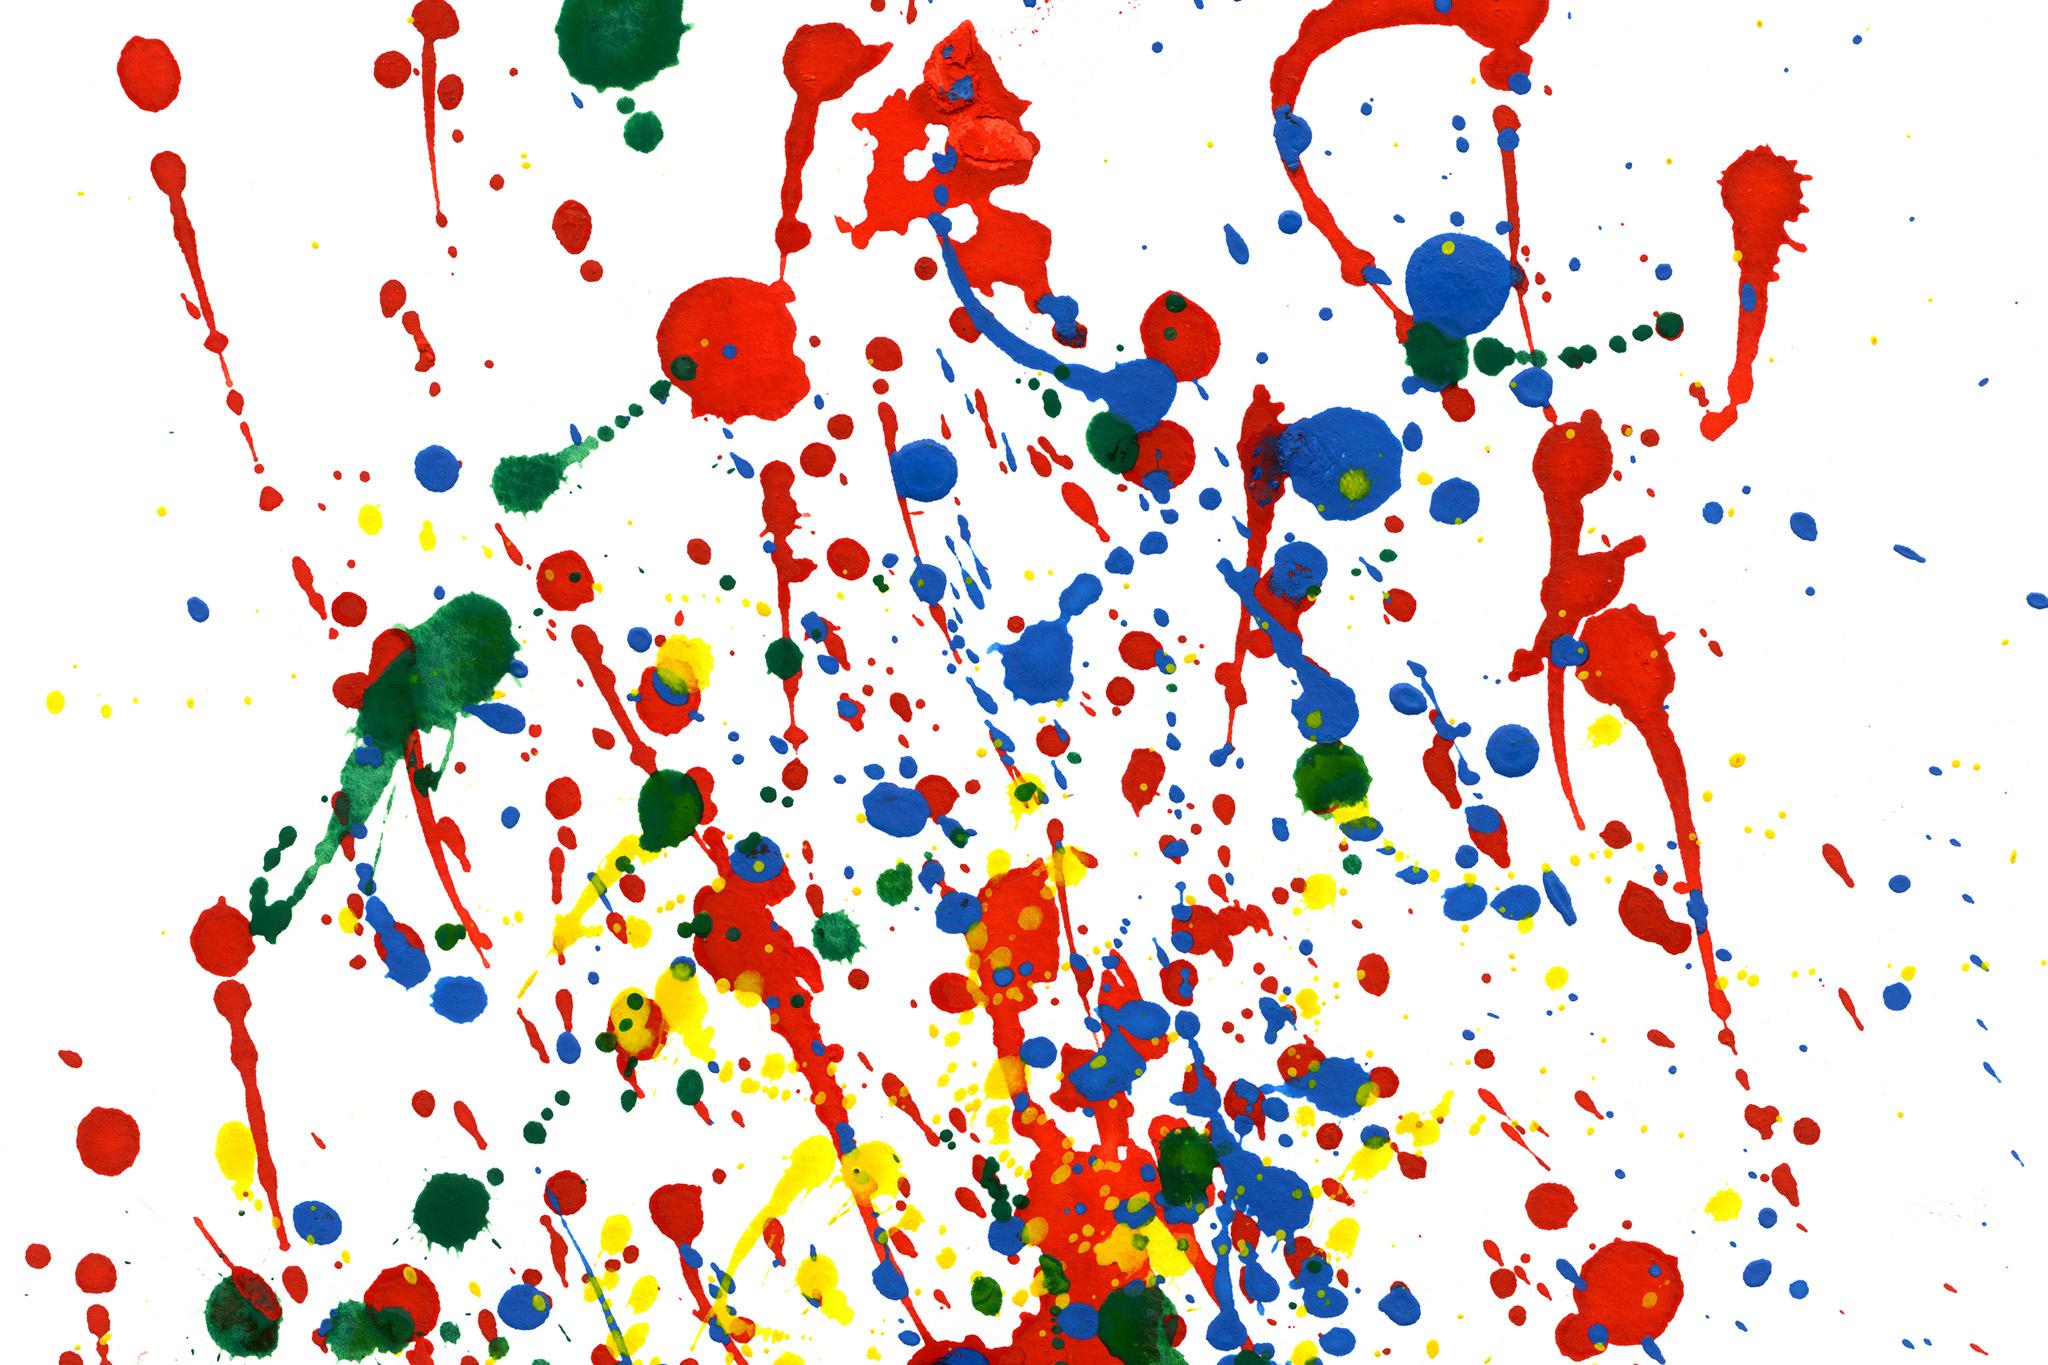 「赤青緑黄の絵具が飛散ったペイント」